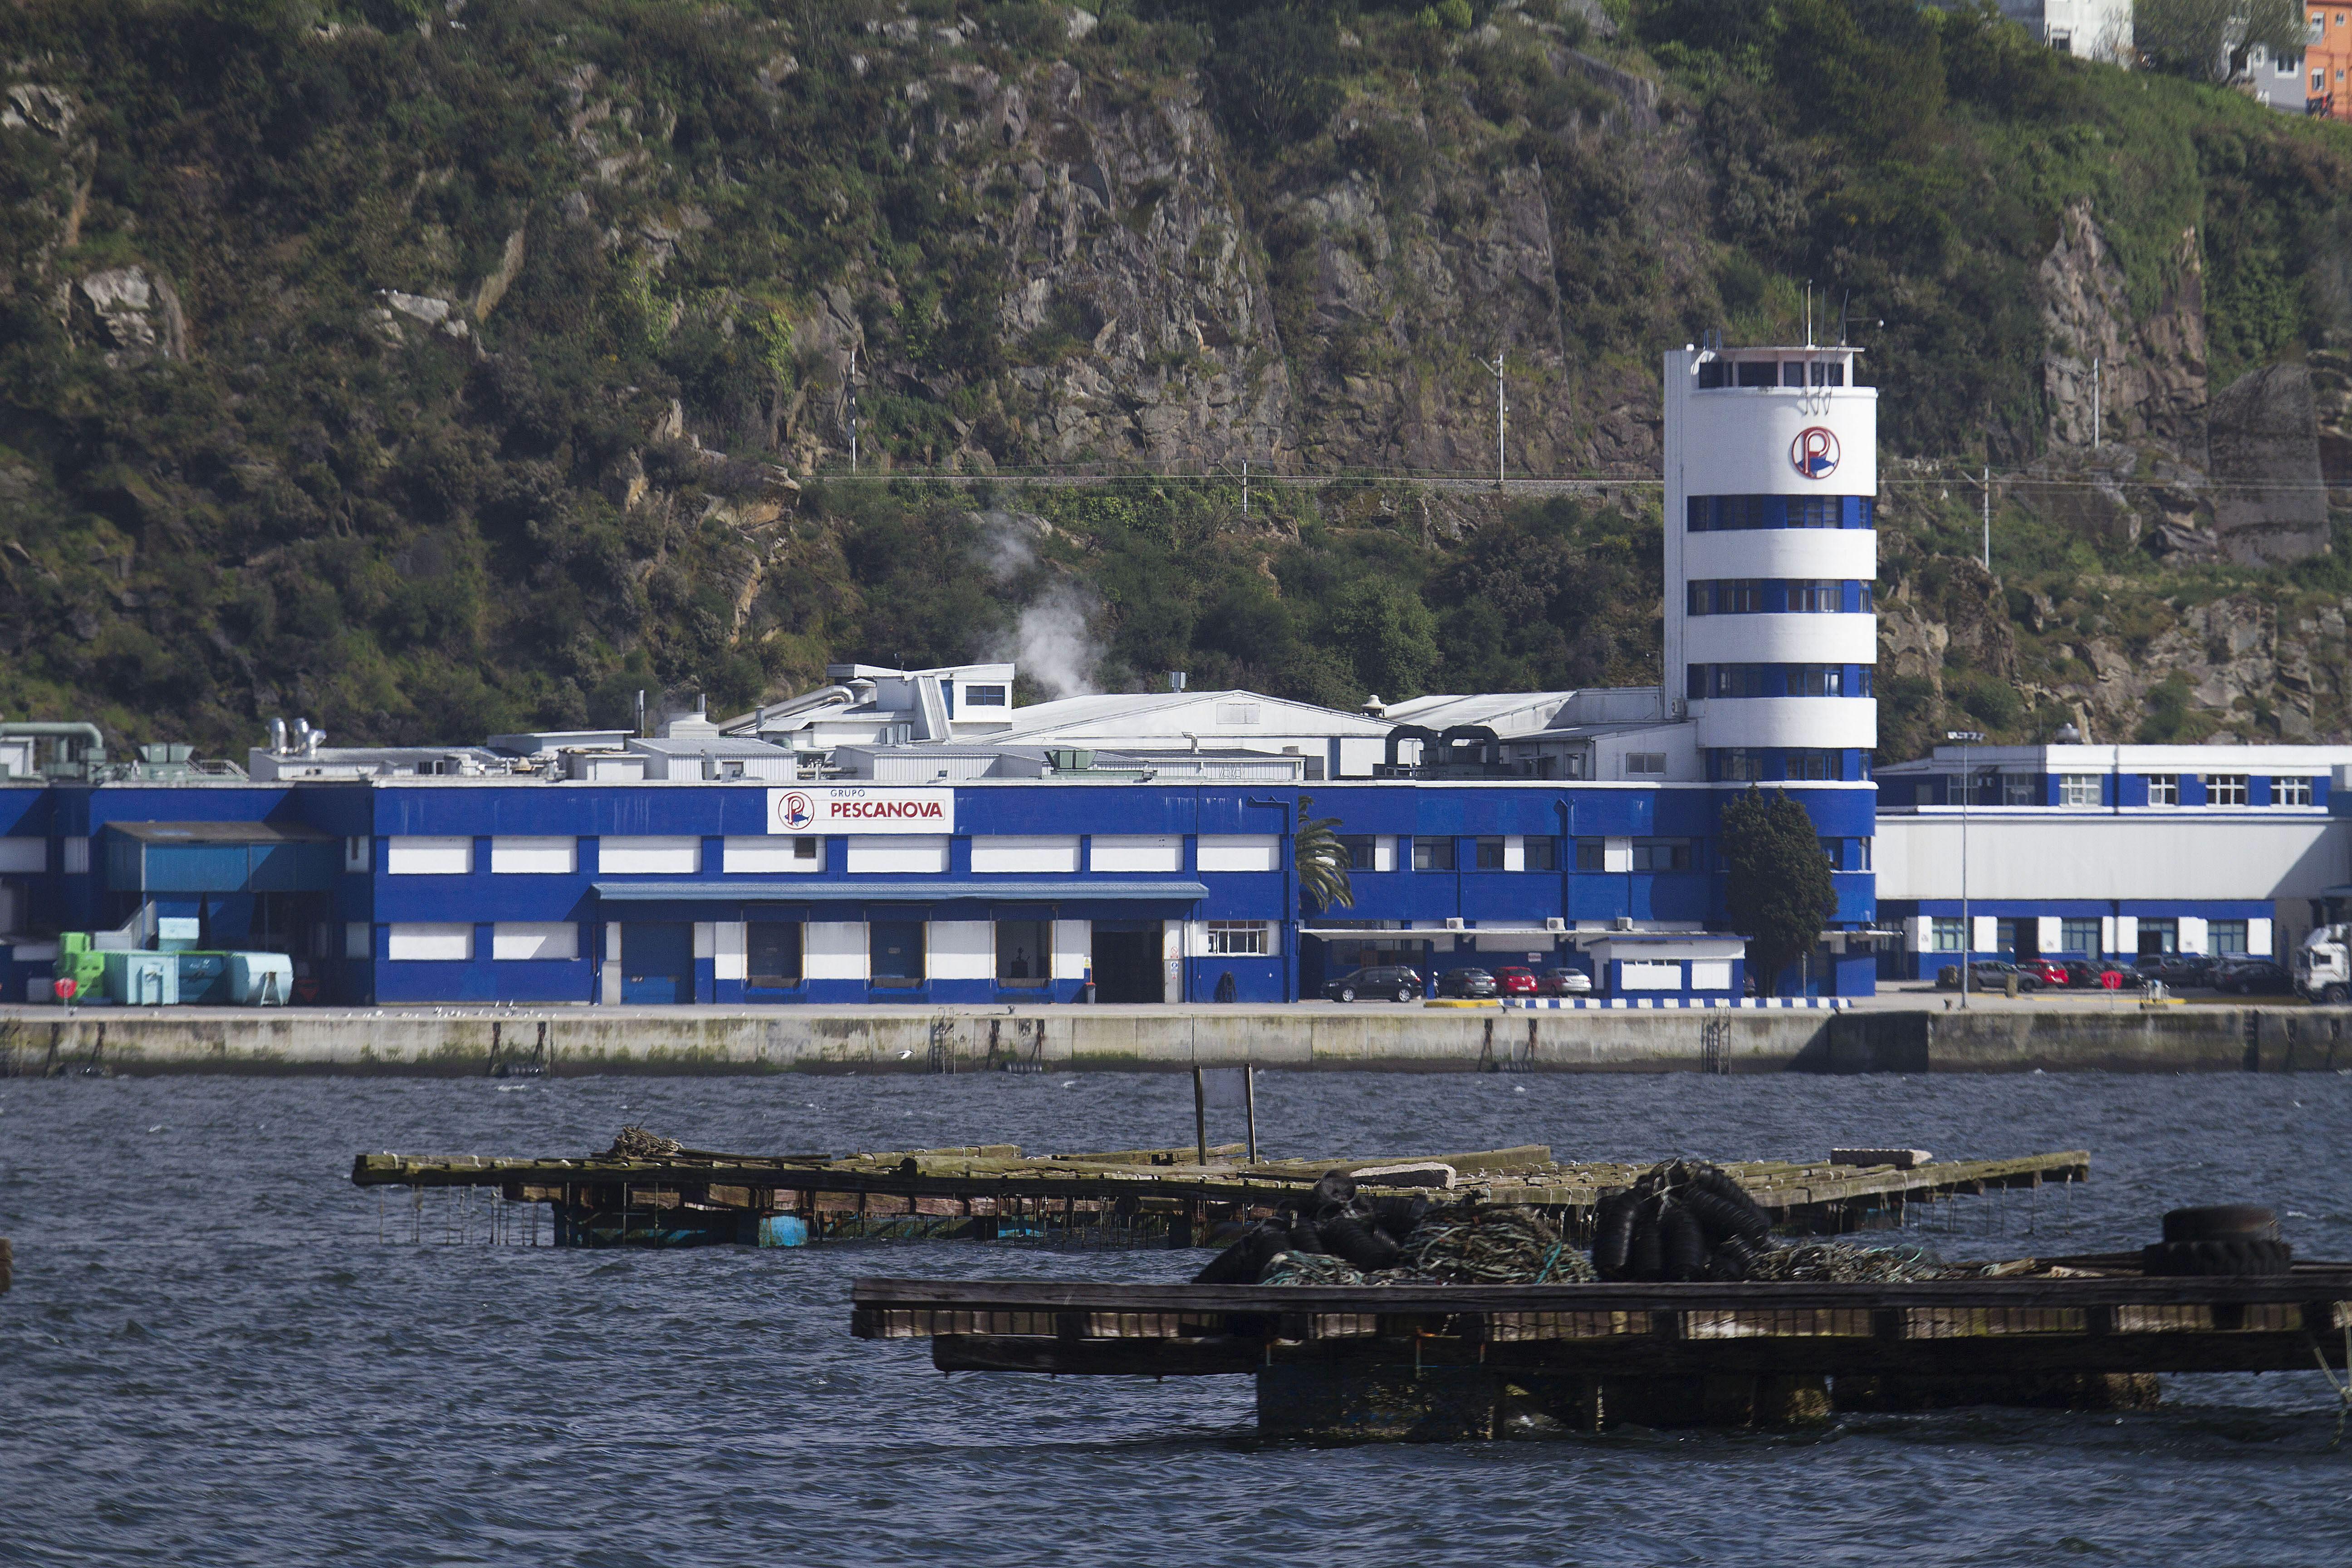 BNP convoca una asamblea general de bonistas de Pescanova para tomar medidas legales